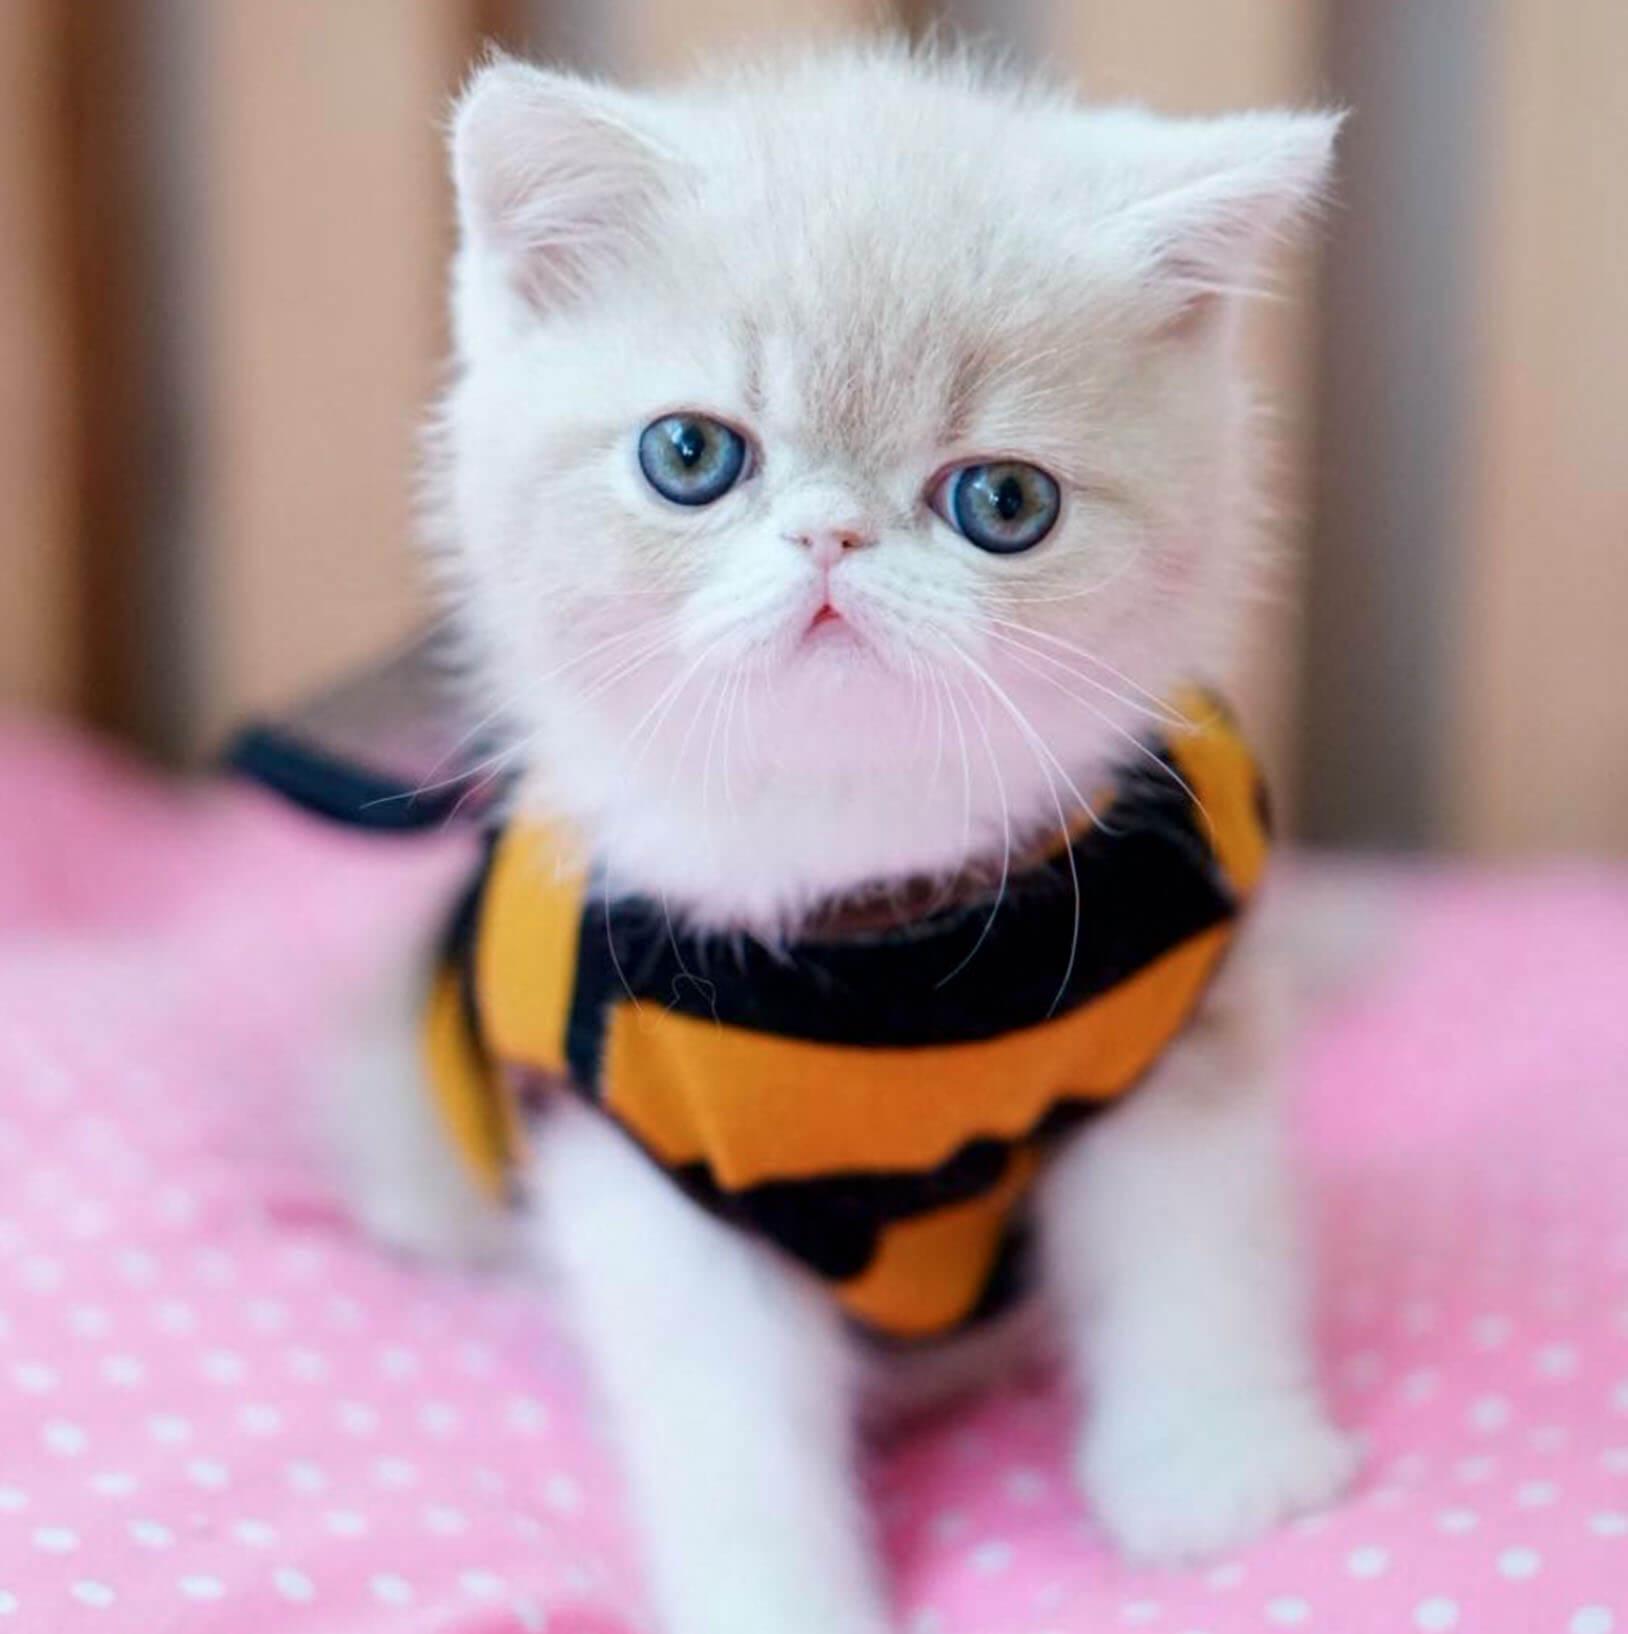 Подборка милых котов и кошек в картинках 8